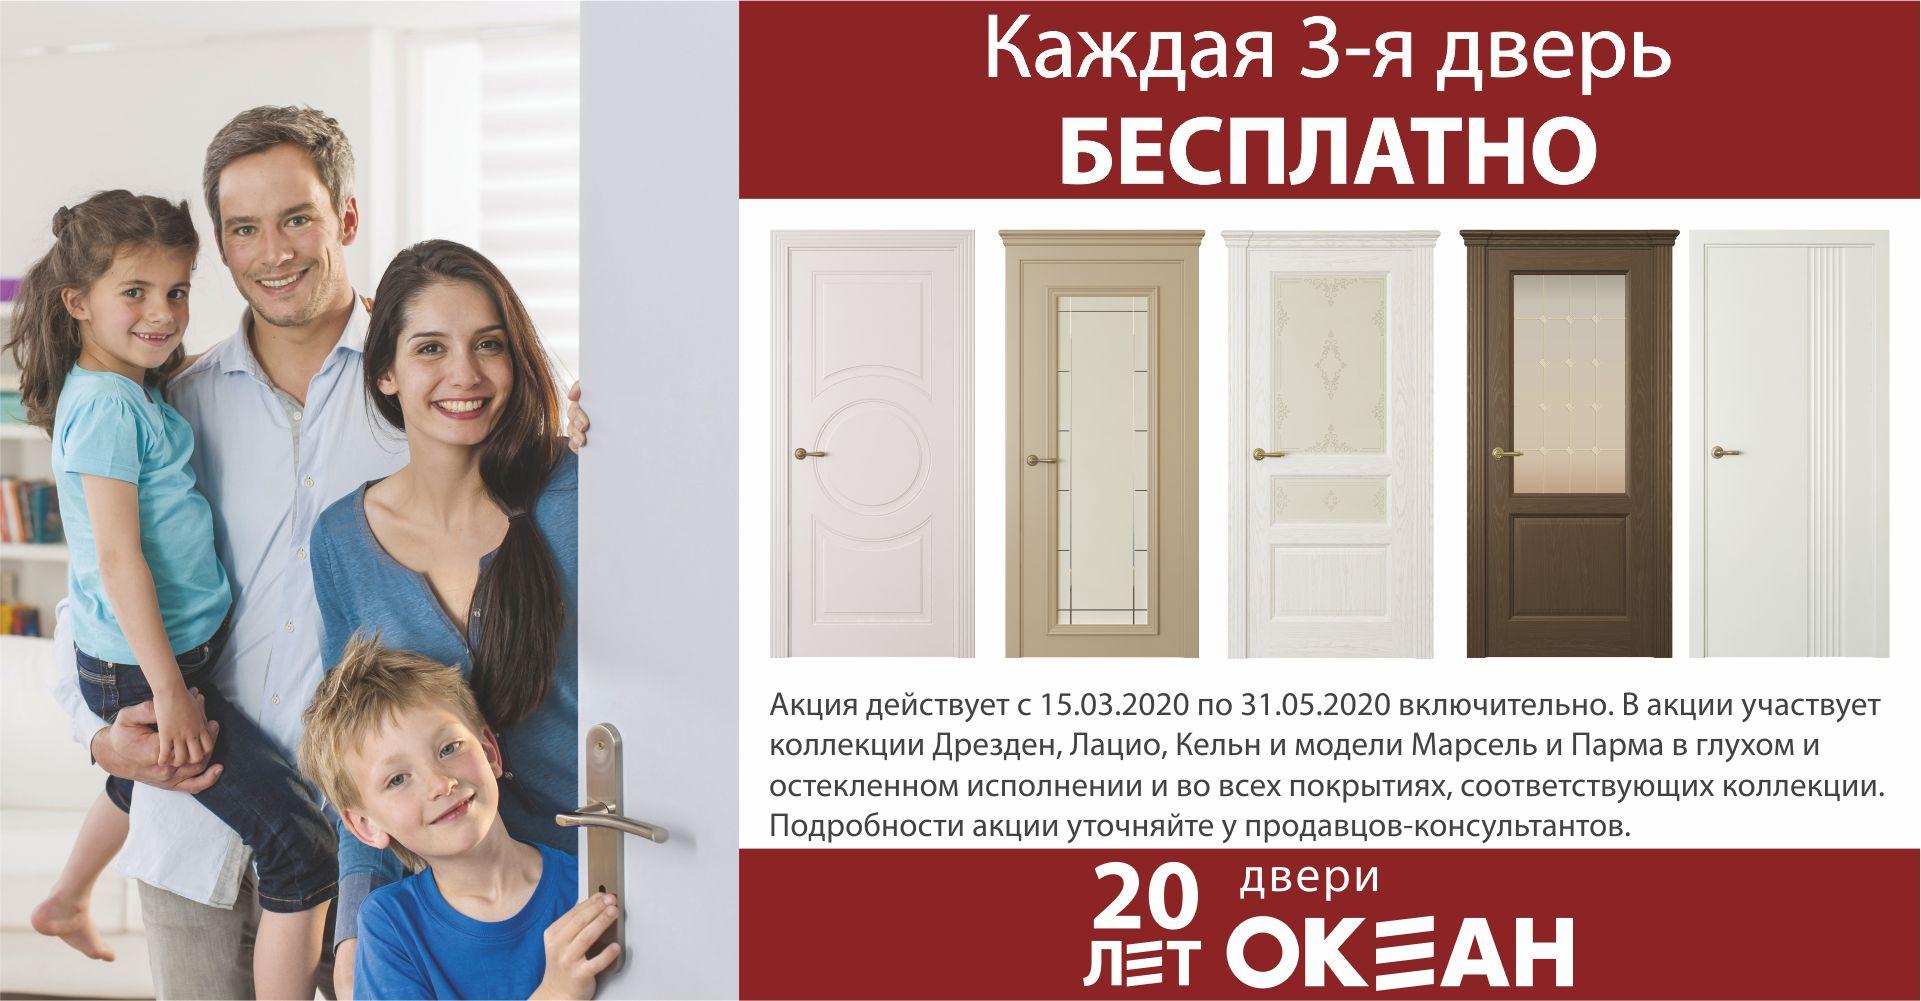 Скидки и акции на ульяновские белые двери ОКЕАН 3-я дверь в подарок фото март 2020 год